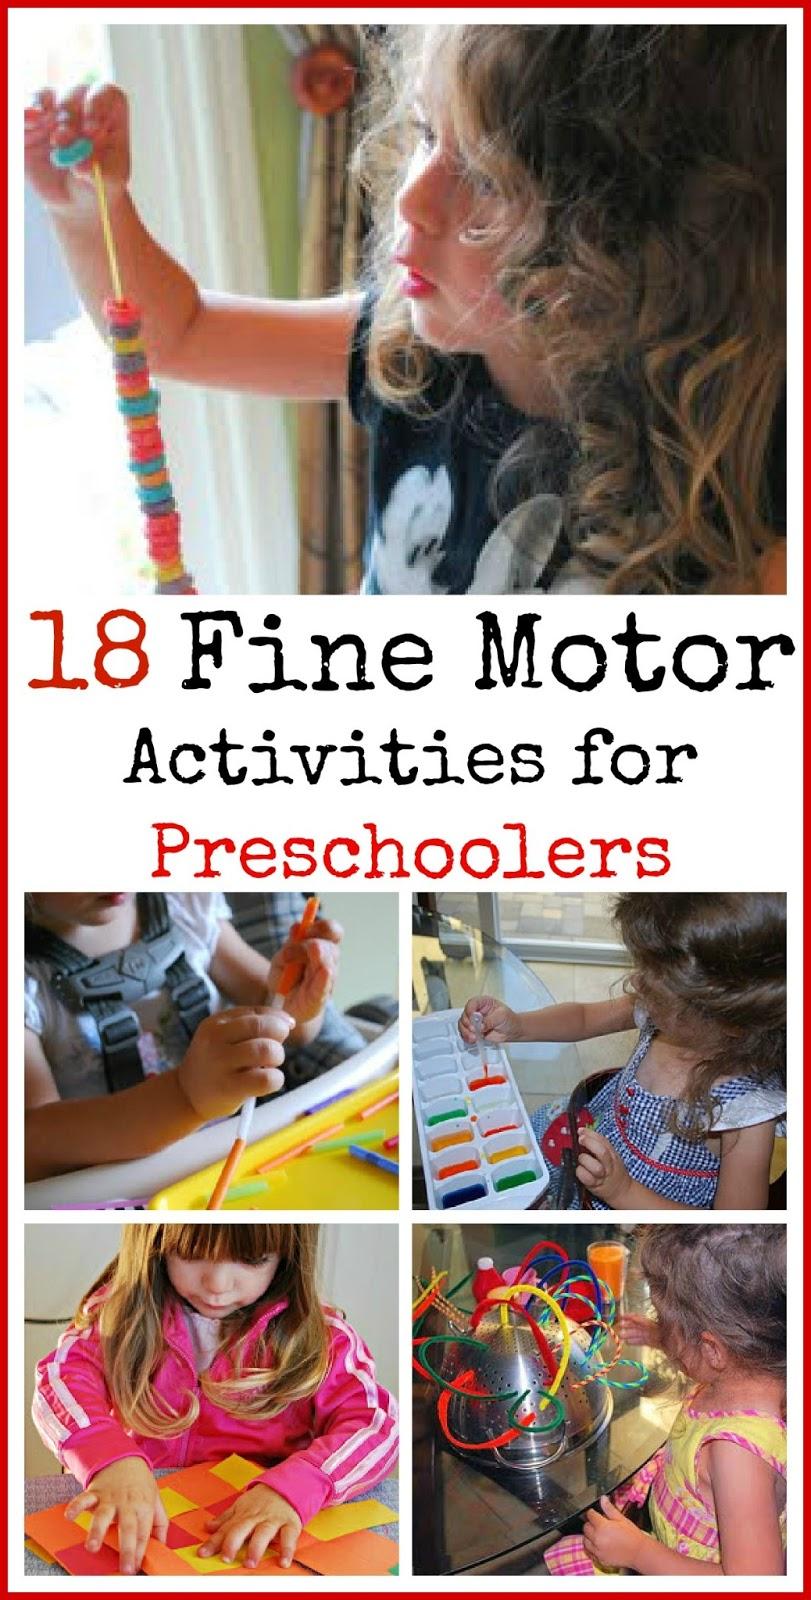 18 fine motor activities for preschoolers mommy blogs for List of fine motor skills for preschoolers